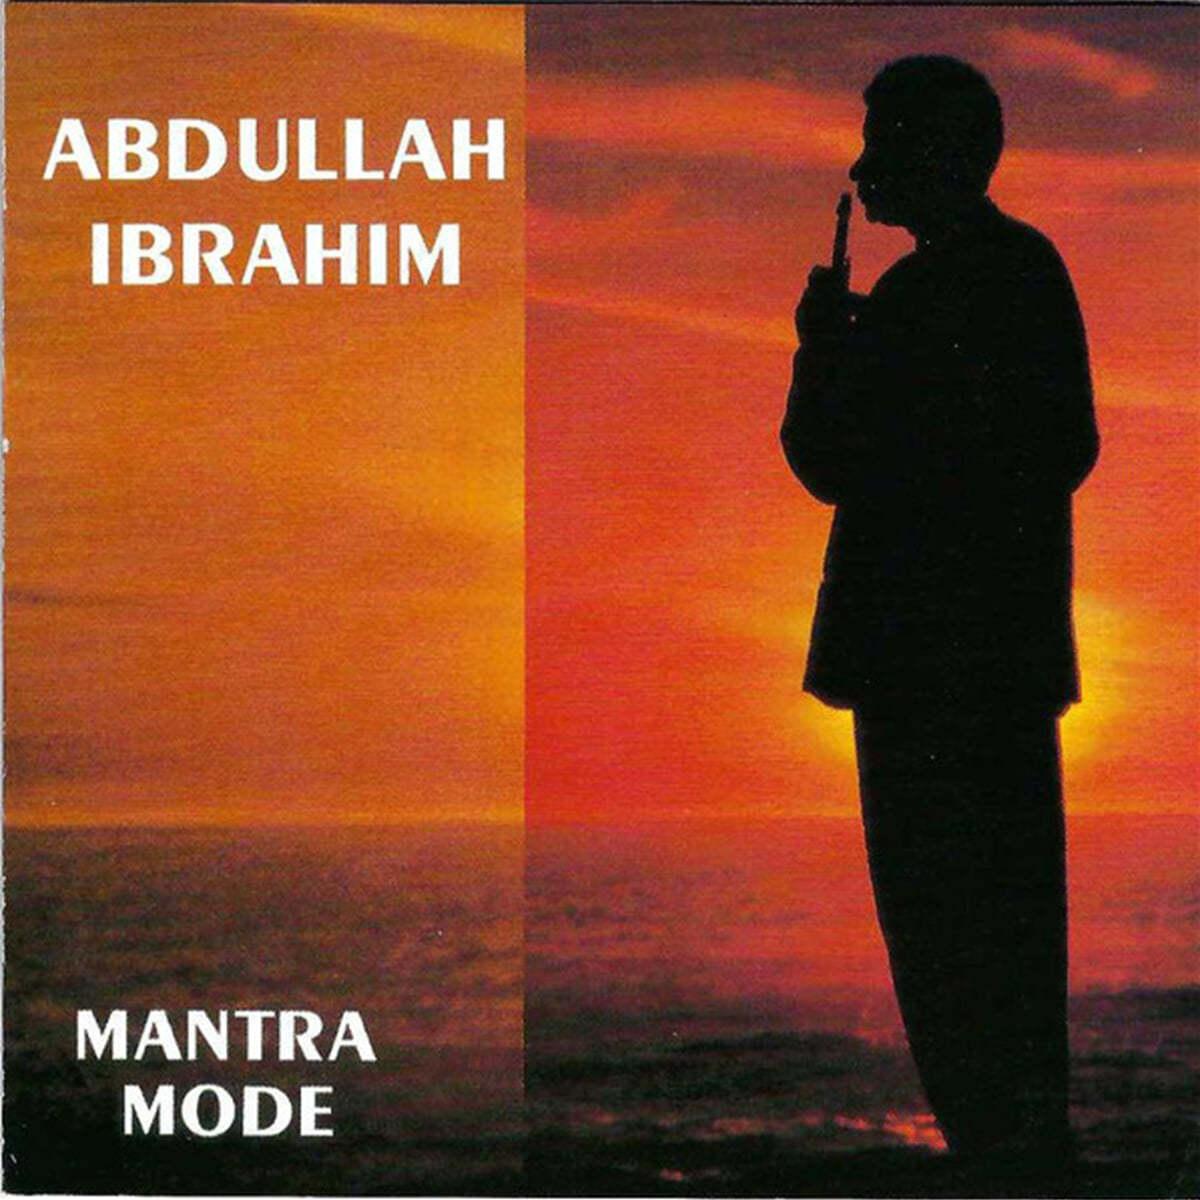 Abdullah Ibrahim (압둘라 이브라힘) - Mantra Mode